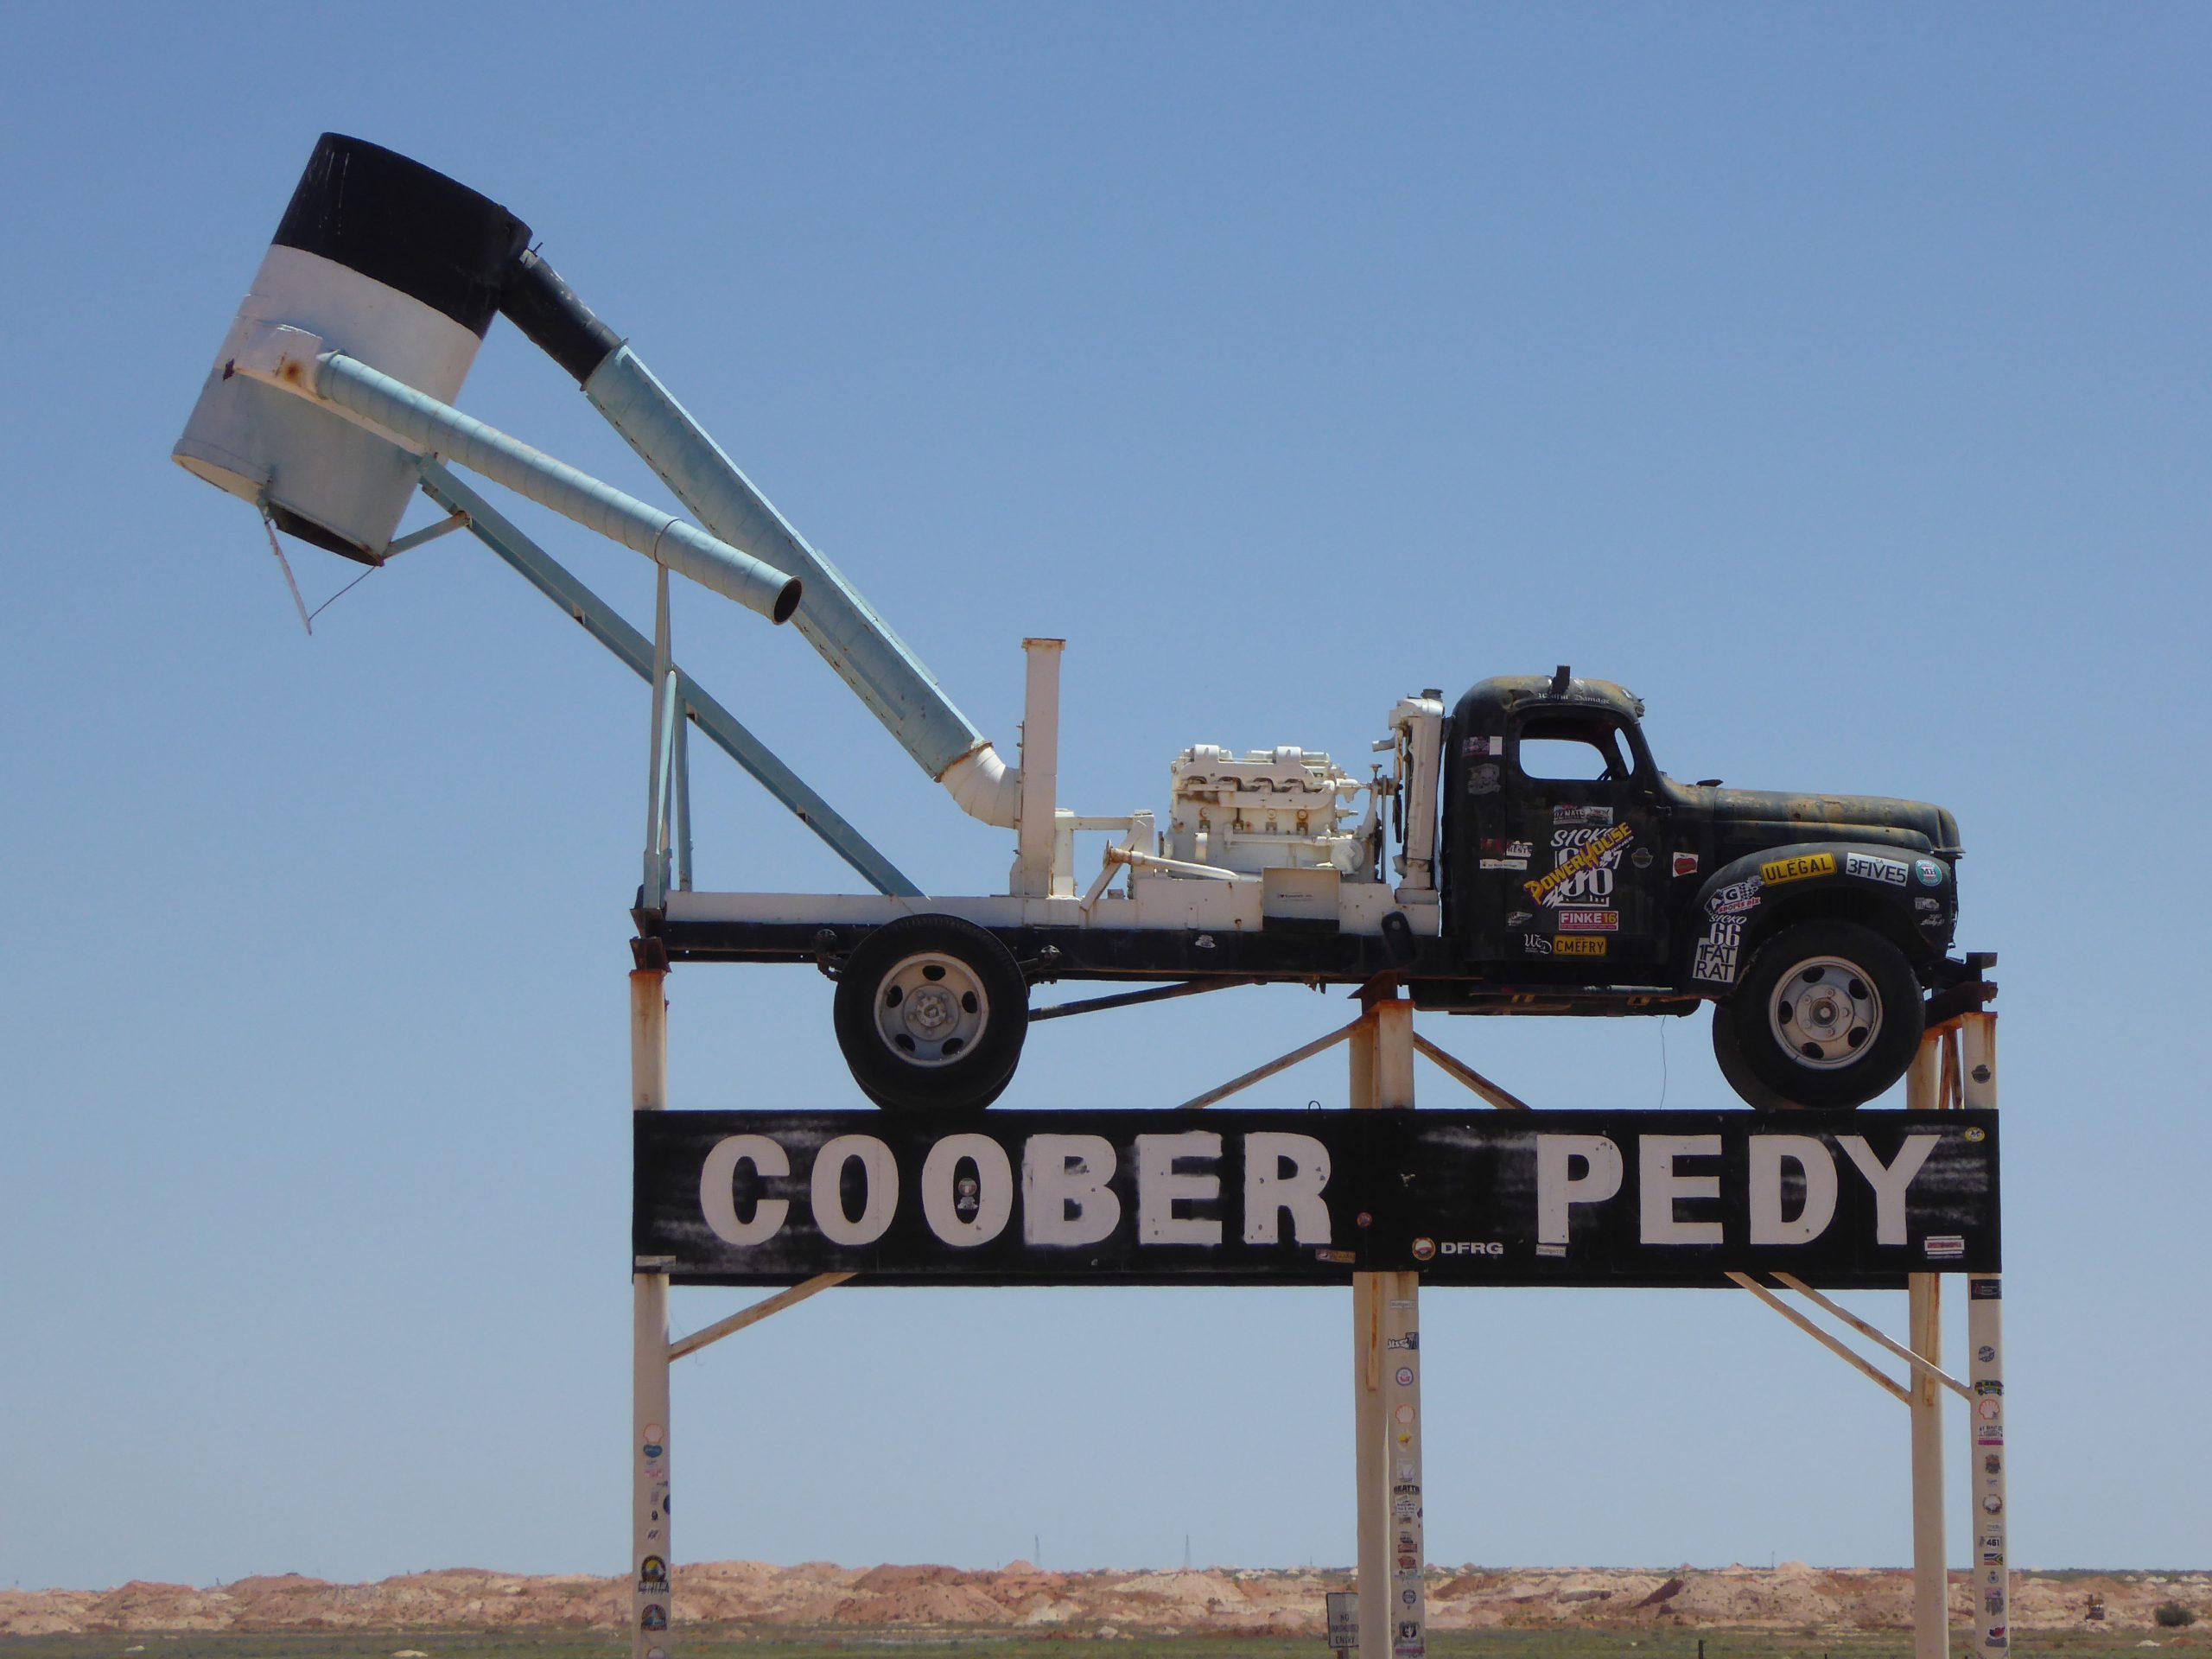 Radreise Australien 2016 - Coober Pedy - The Blower